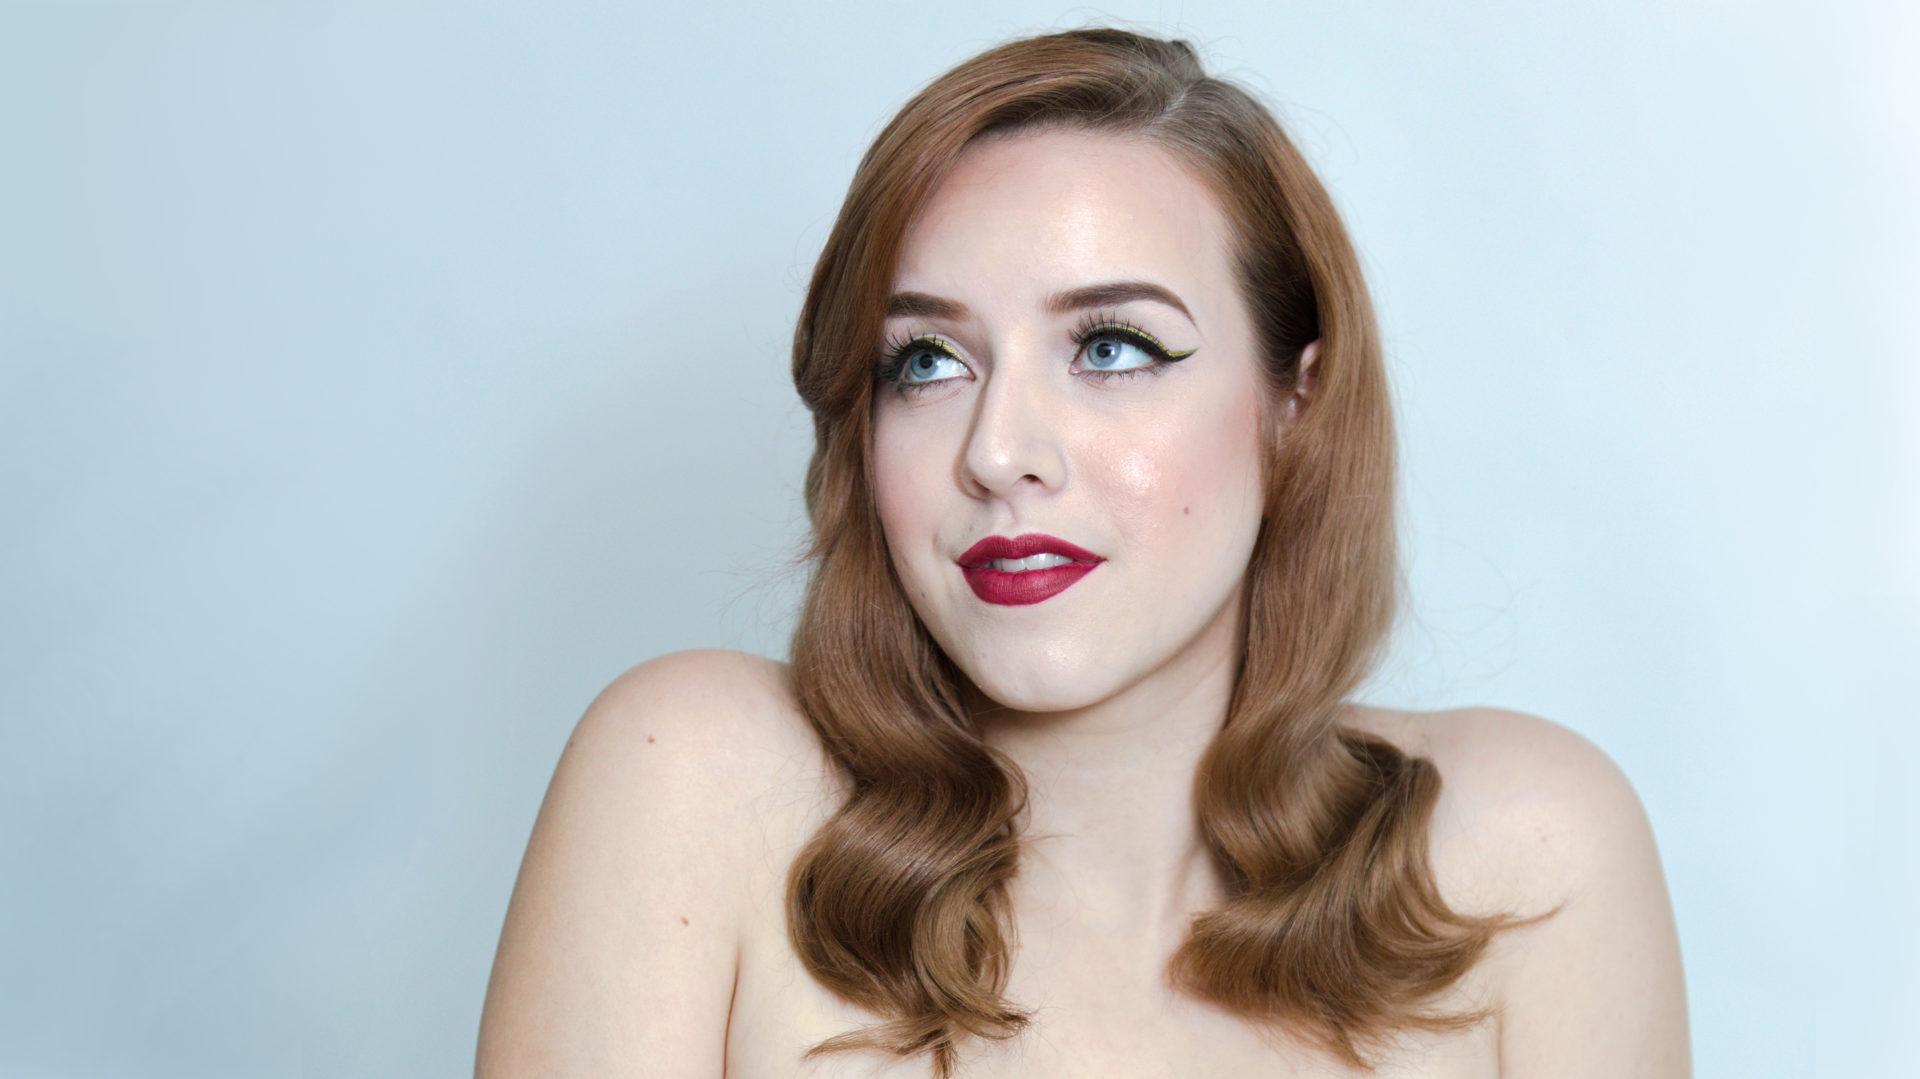 Rachel lindley